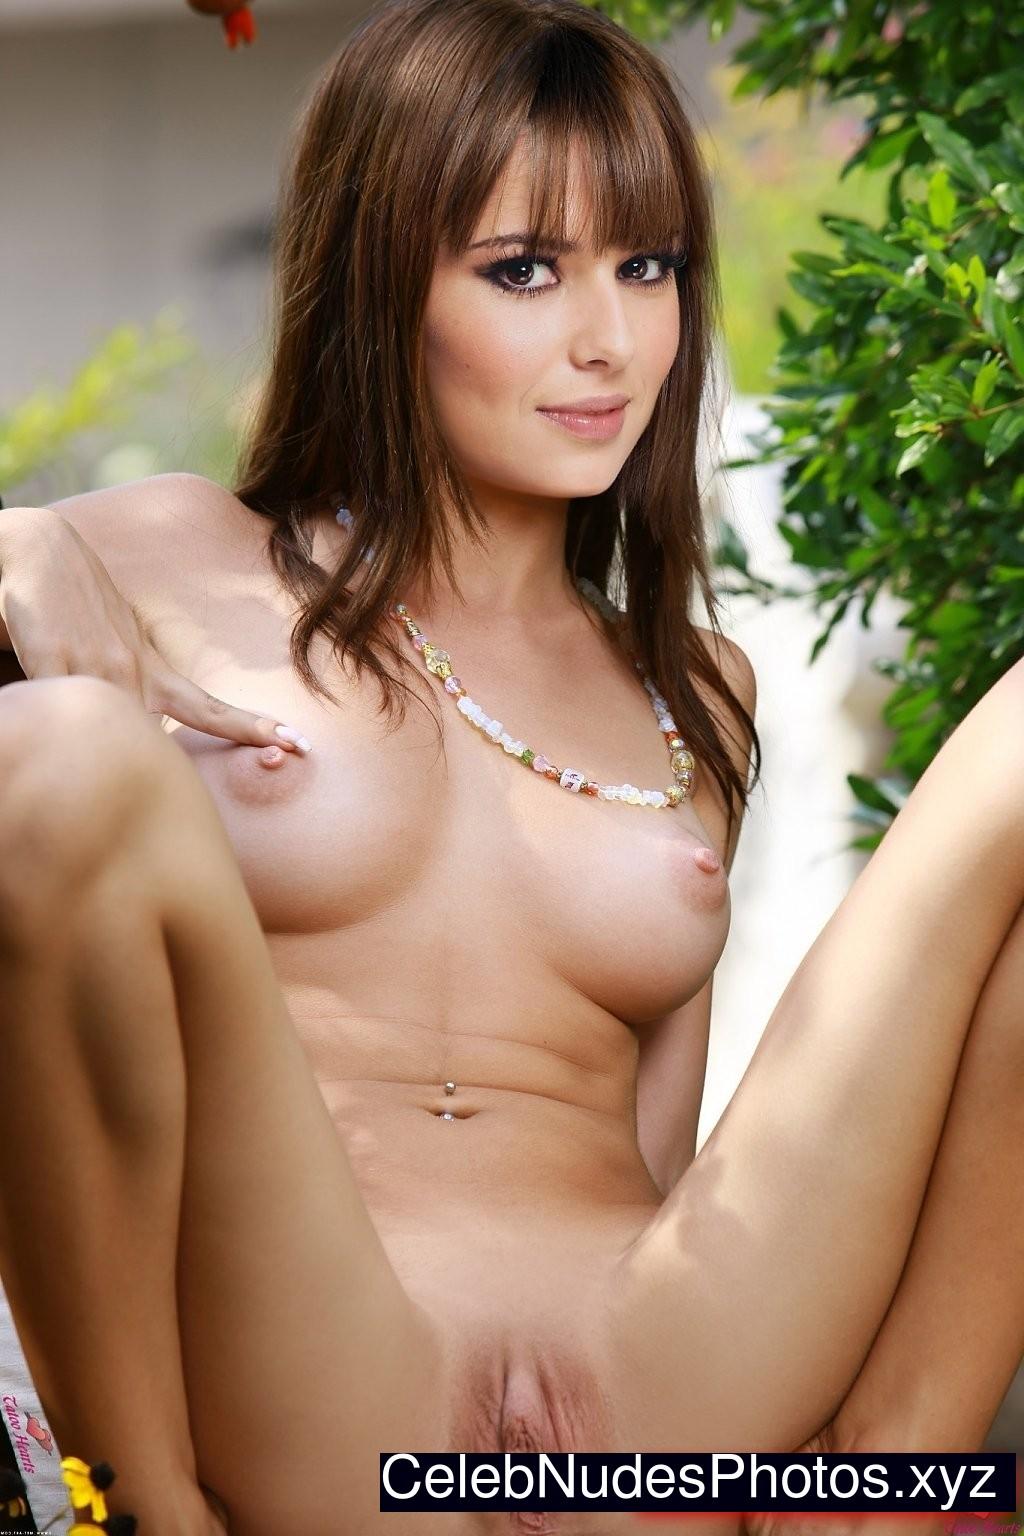 ... Cheryl Cole Naked Celebrity Pic sexy 13